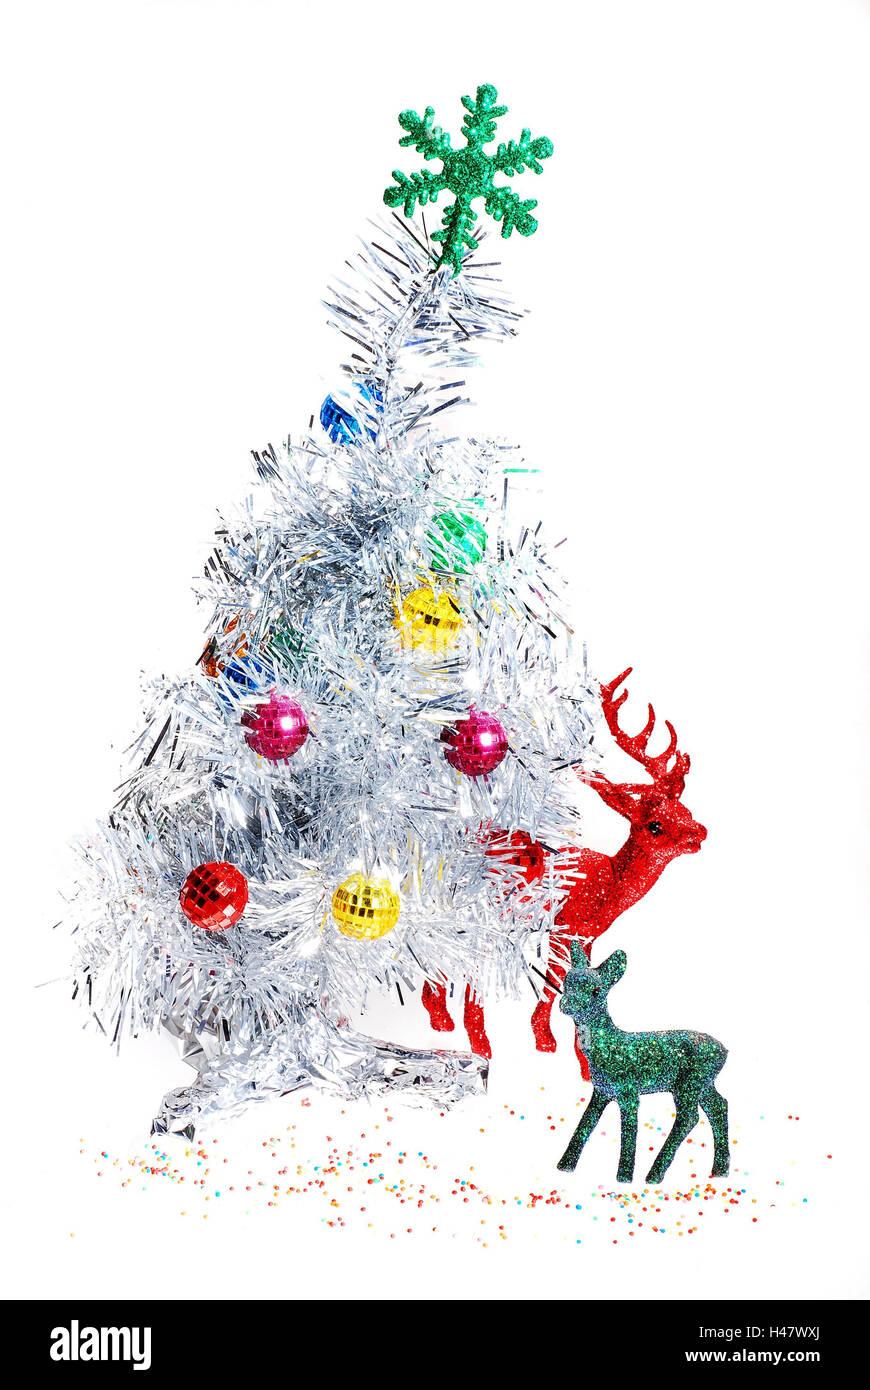 Kitschige Weihnachtsdeko weihnahtbaum verziert dekoration hirsch kitz figuren in eine